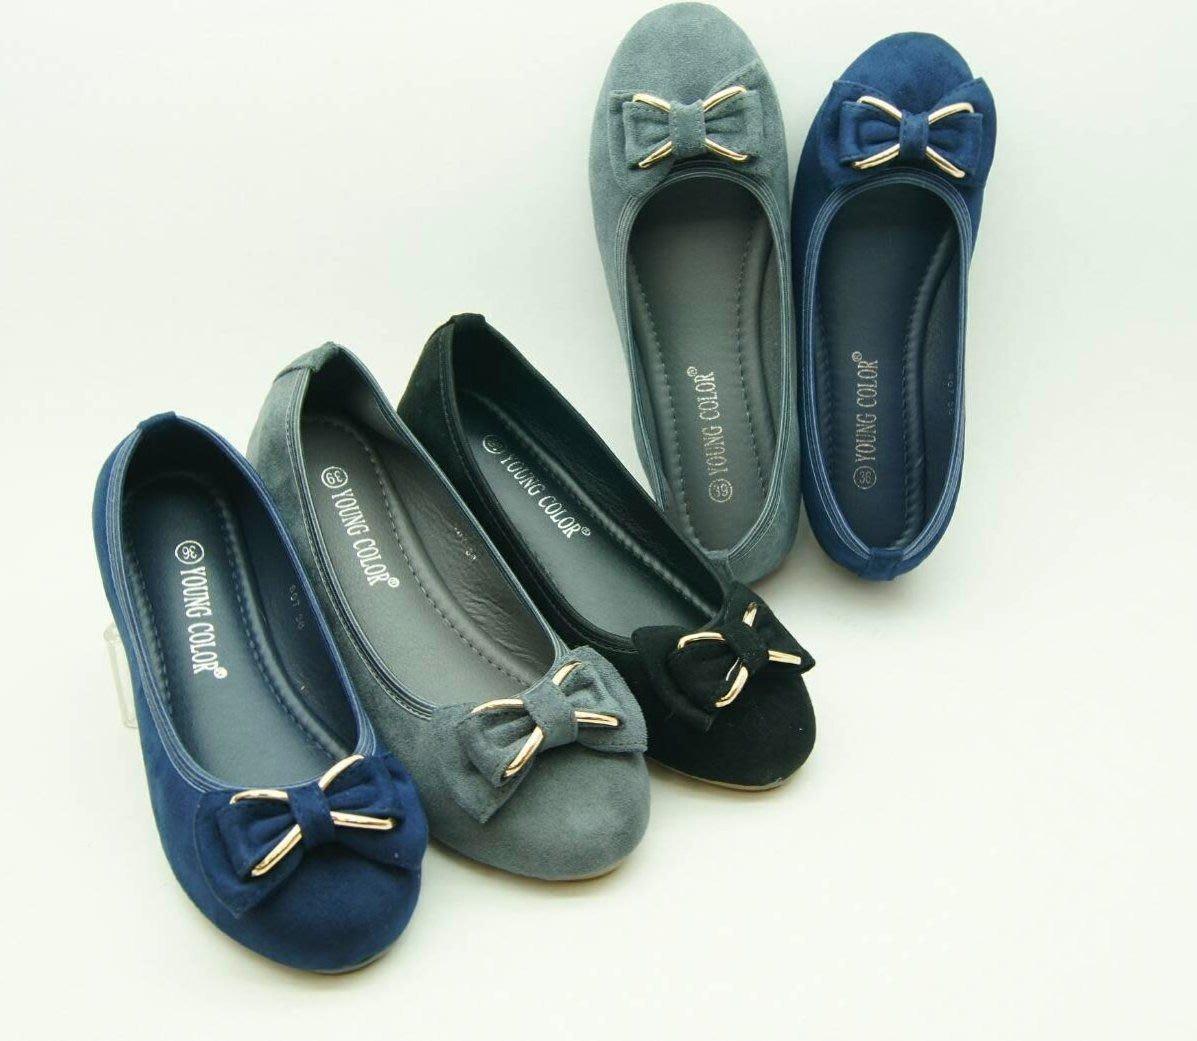 好望角鞋屋   女娃娃鞋 (807)01  顏色:黑,灰,藍  尺寸:36~40